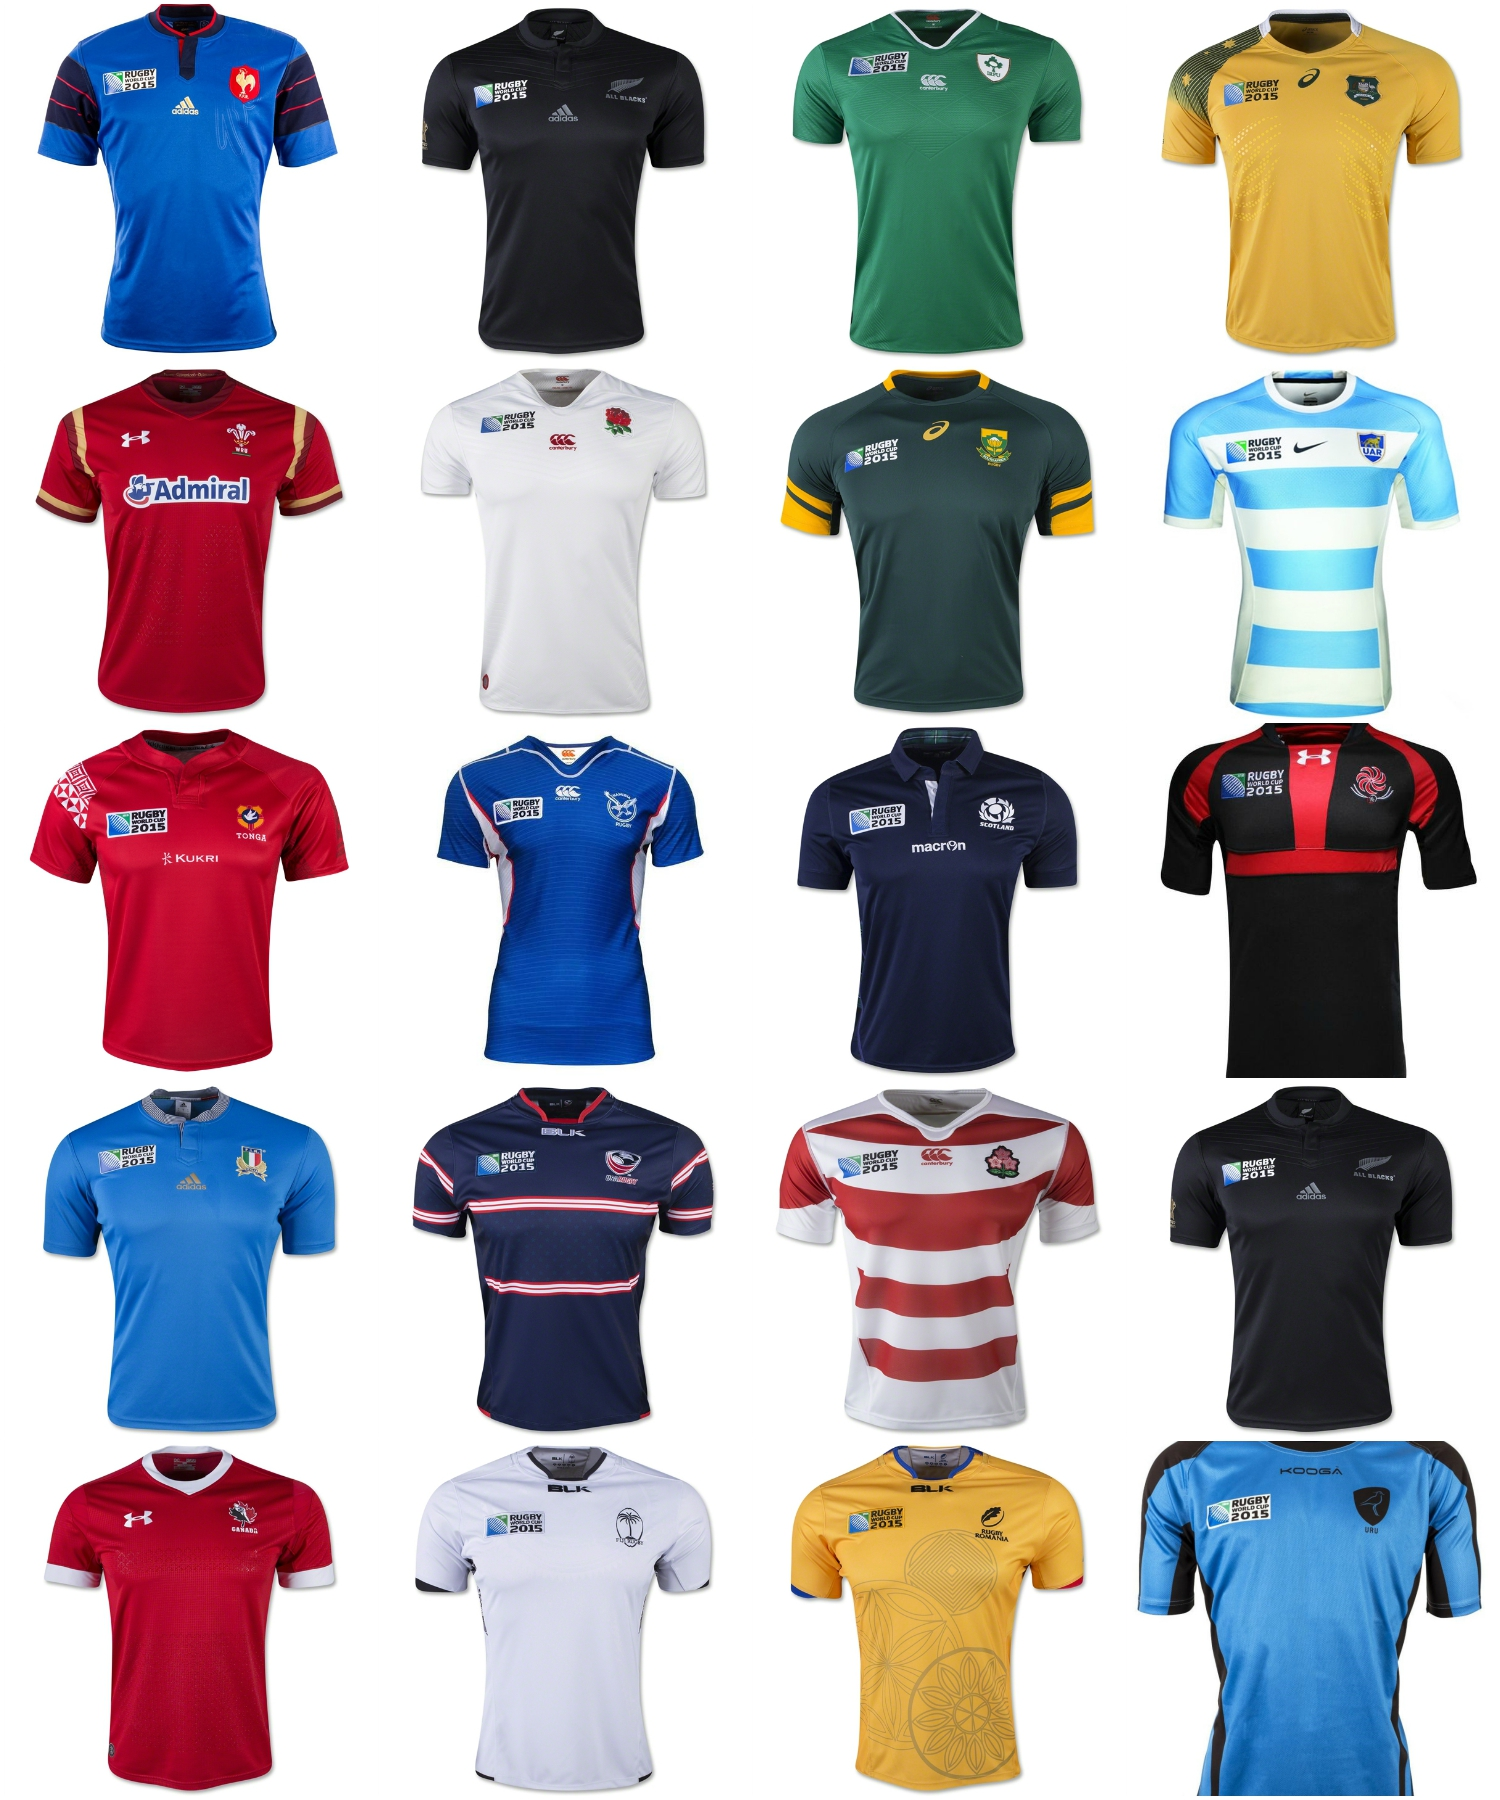 D couvrez les maillots des 20 quipes du mondial rugby - Poule de la coupe du monde de rugby 2015 ...